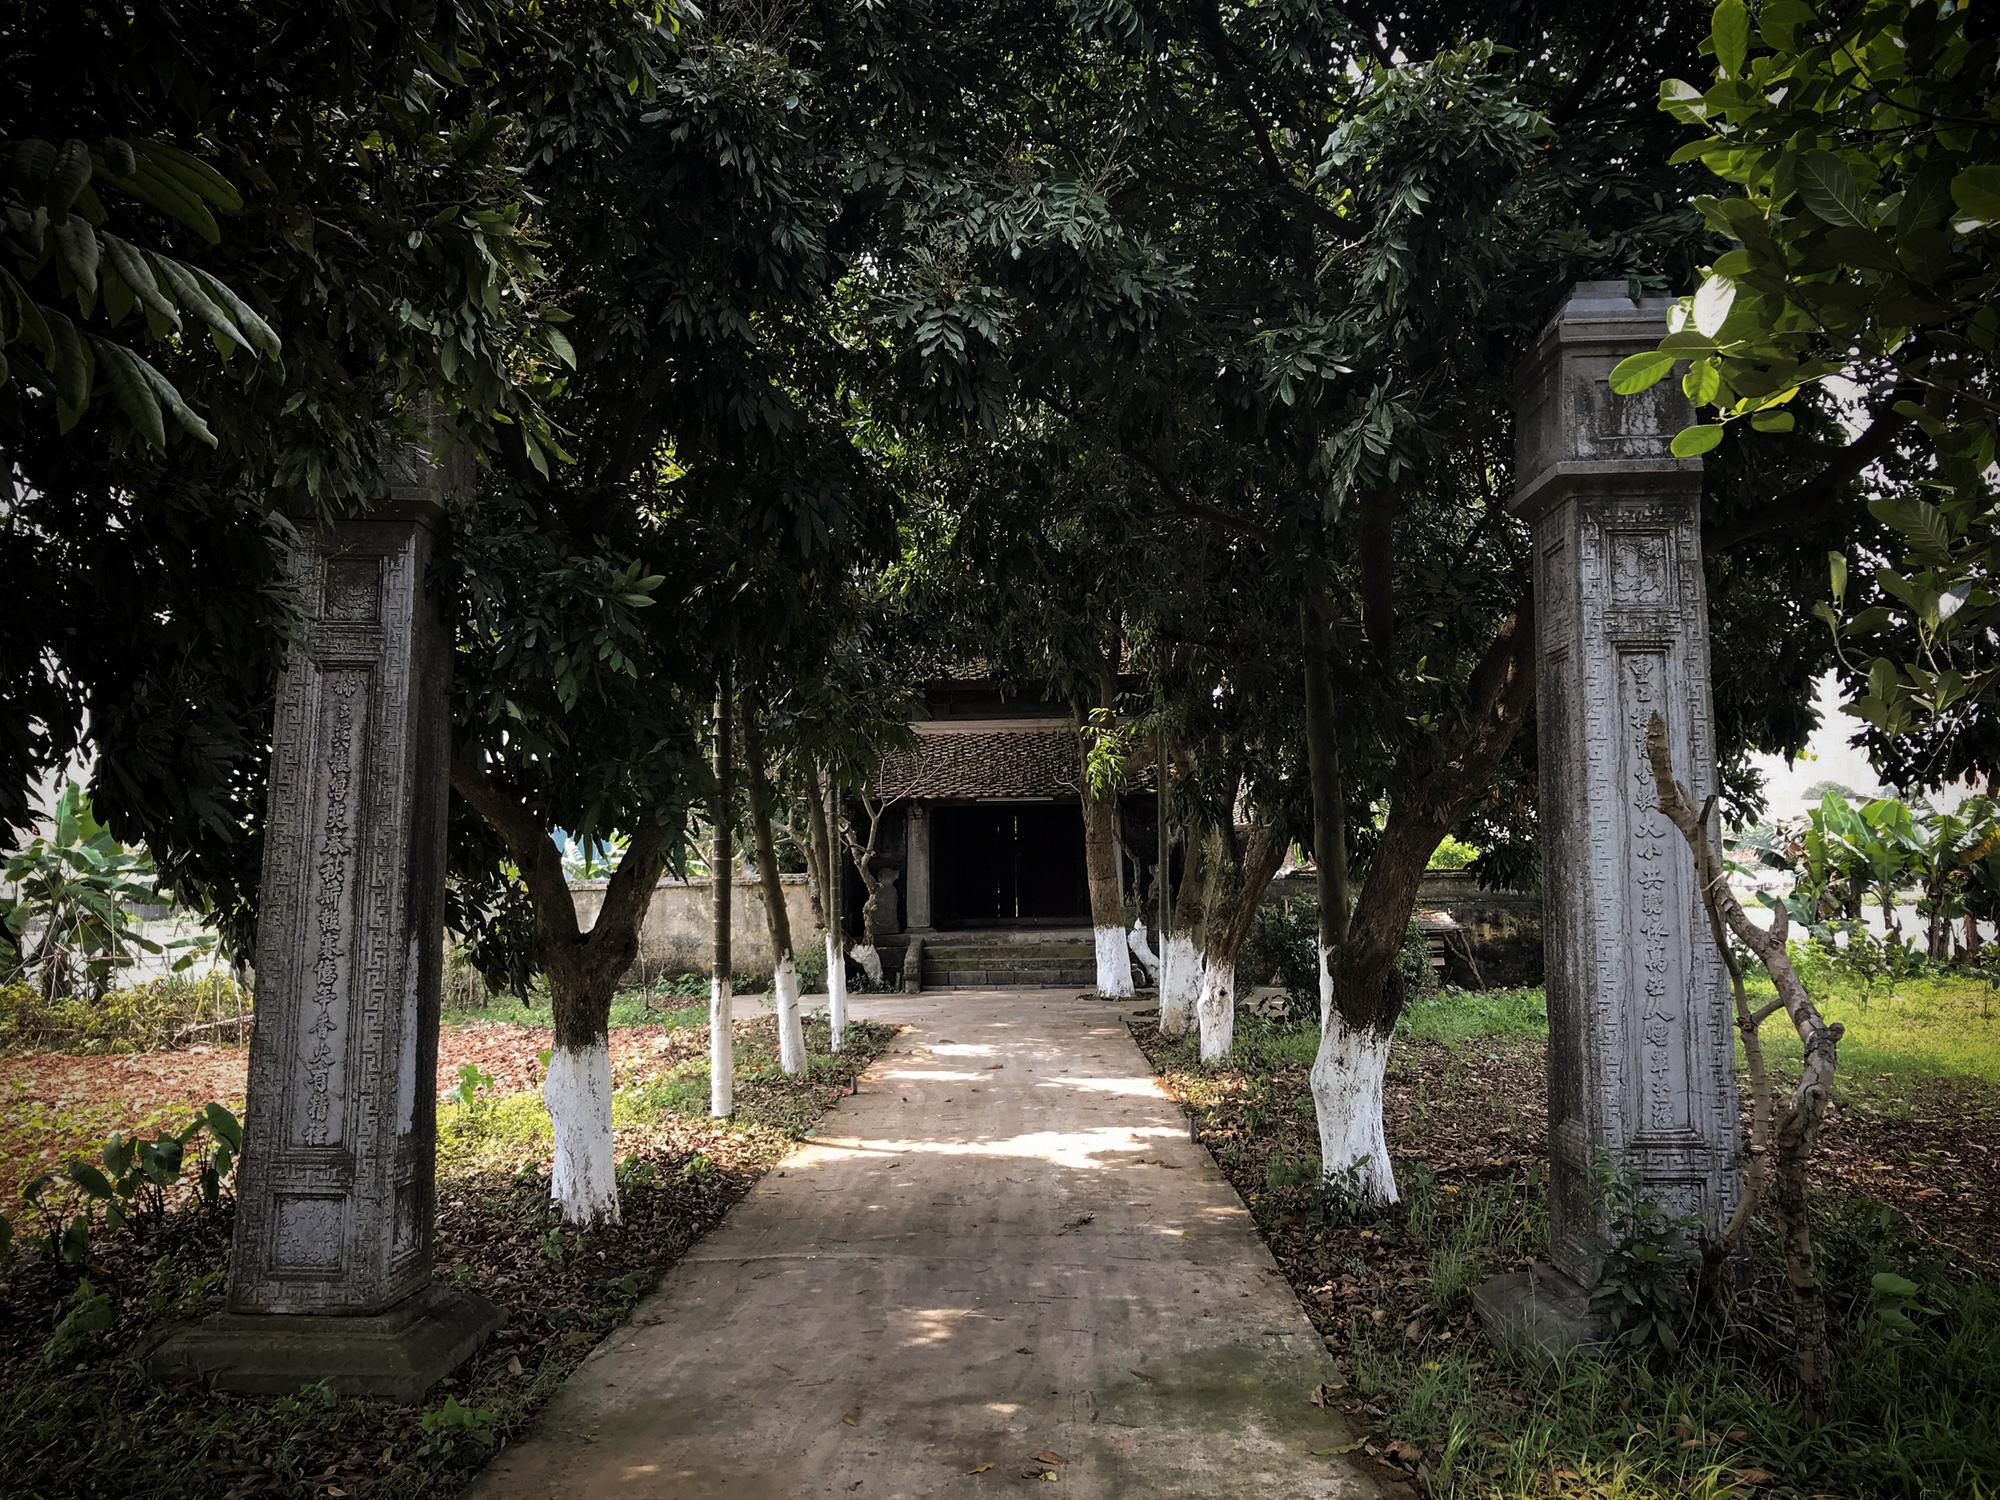 Đền đá Phú Đa: Nét kiến trúc độc đáo tồn tại hơn 300 năm lịch sử - Ảnh 5.